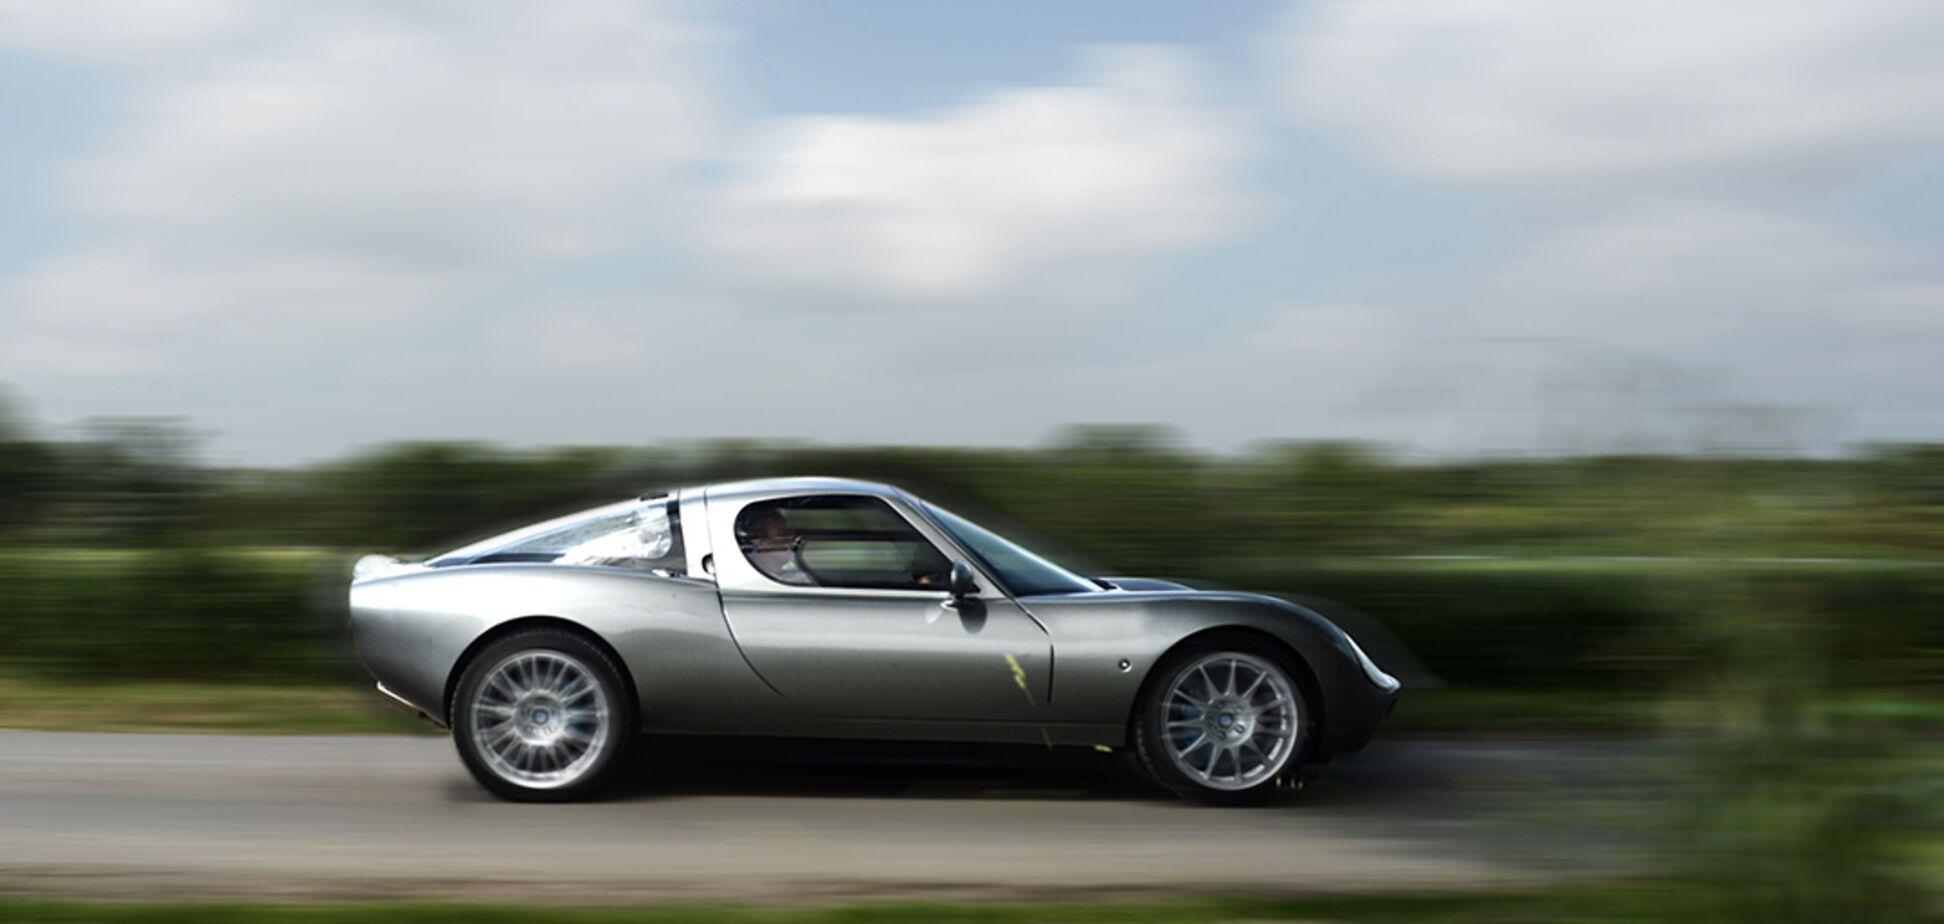 Нову автомобільну фірму Wells презентували у Великобританії